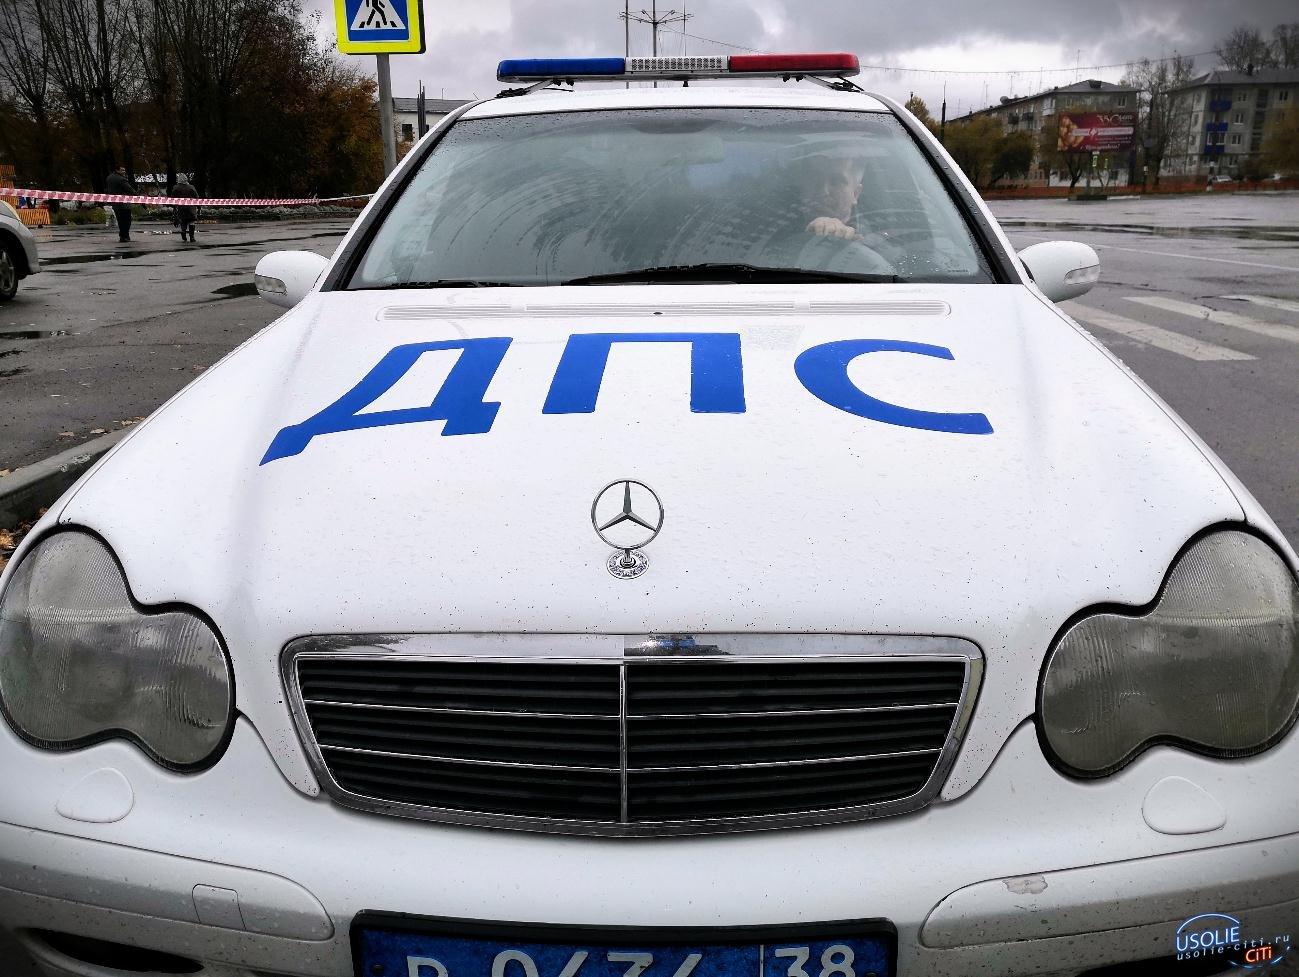 Не пристегнулись: В Усолье оштрафованы 38 водителей